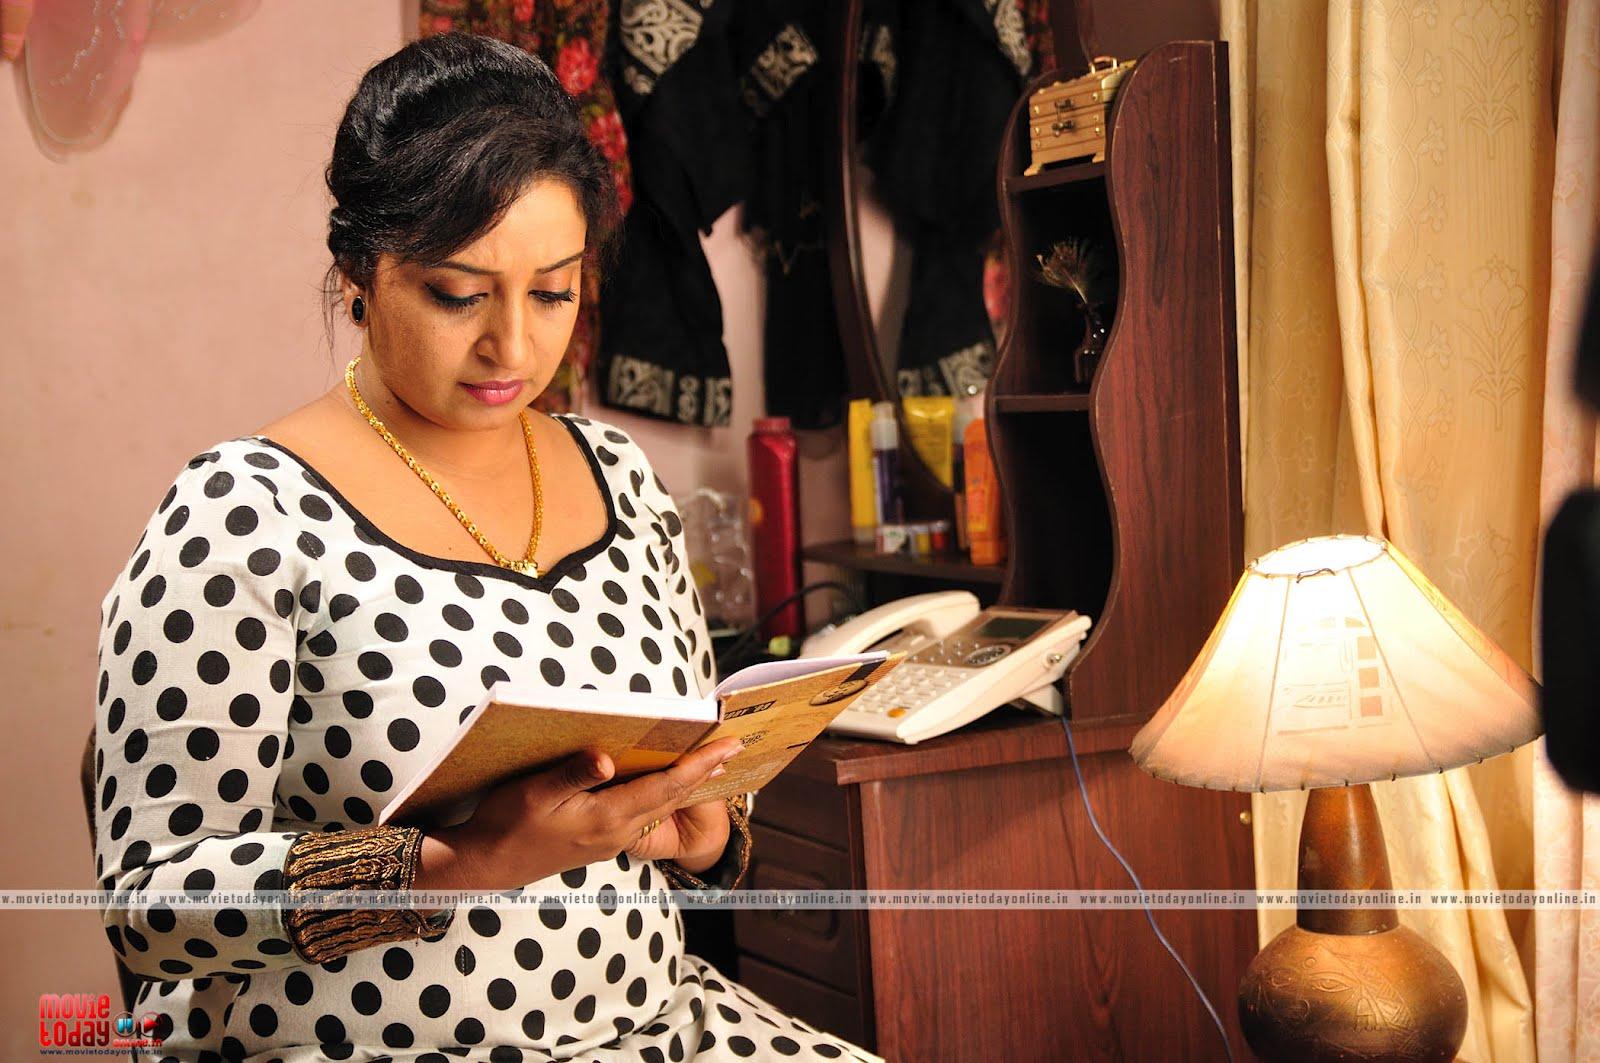 Hot mallu aunty sona nair in churidar « Hot Malayalam Actress gallery